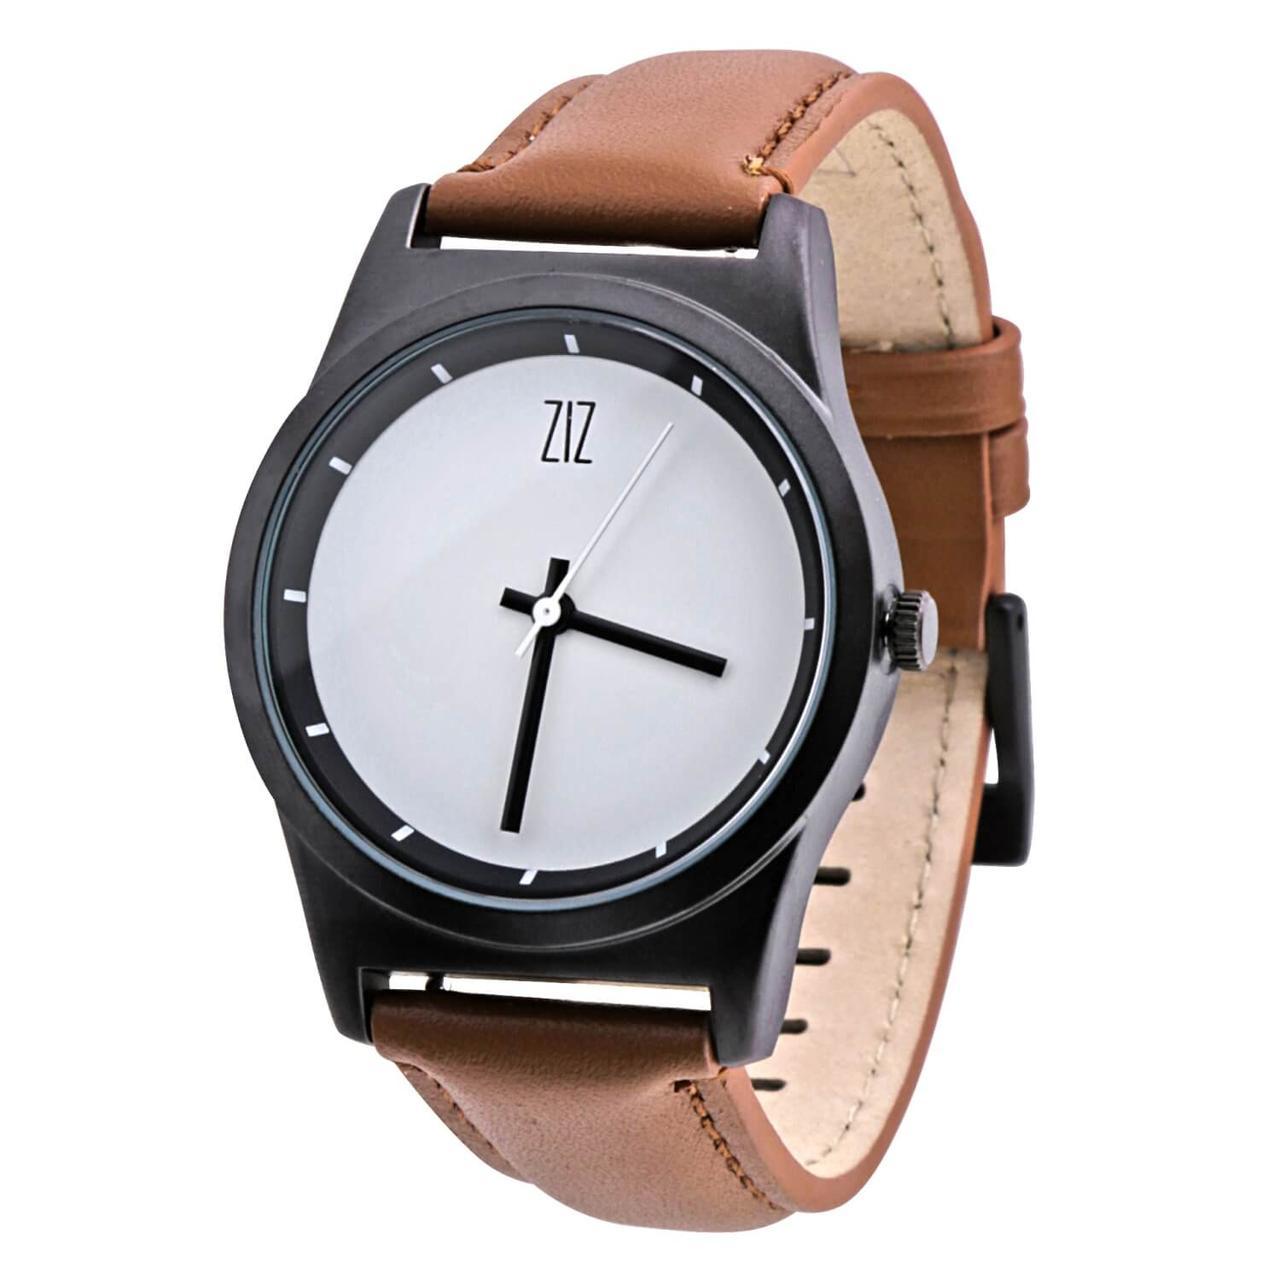 Годинник ZIZ White на шкіряному ремінці + дод. ремінець + подарункова коробка (4100243)